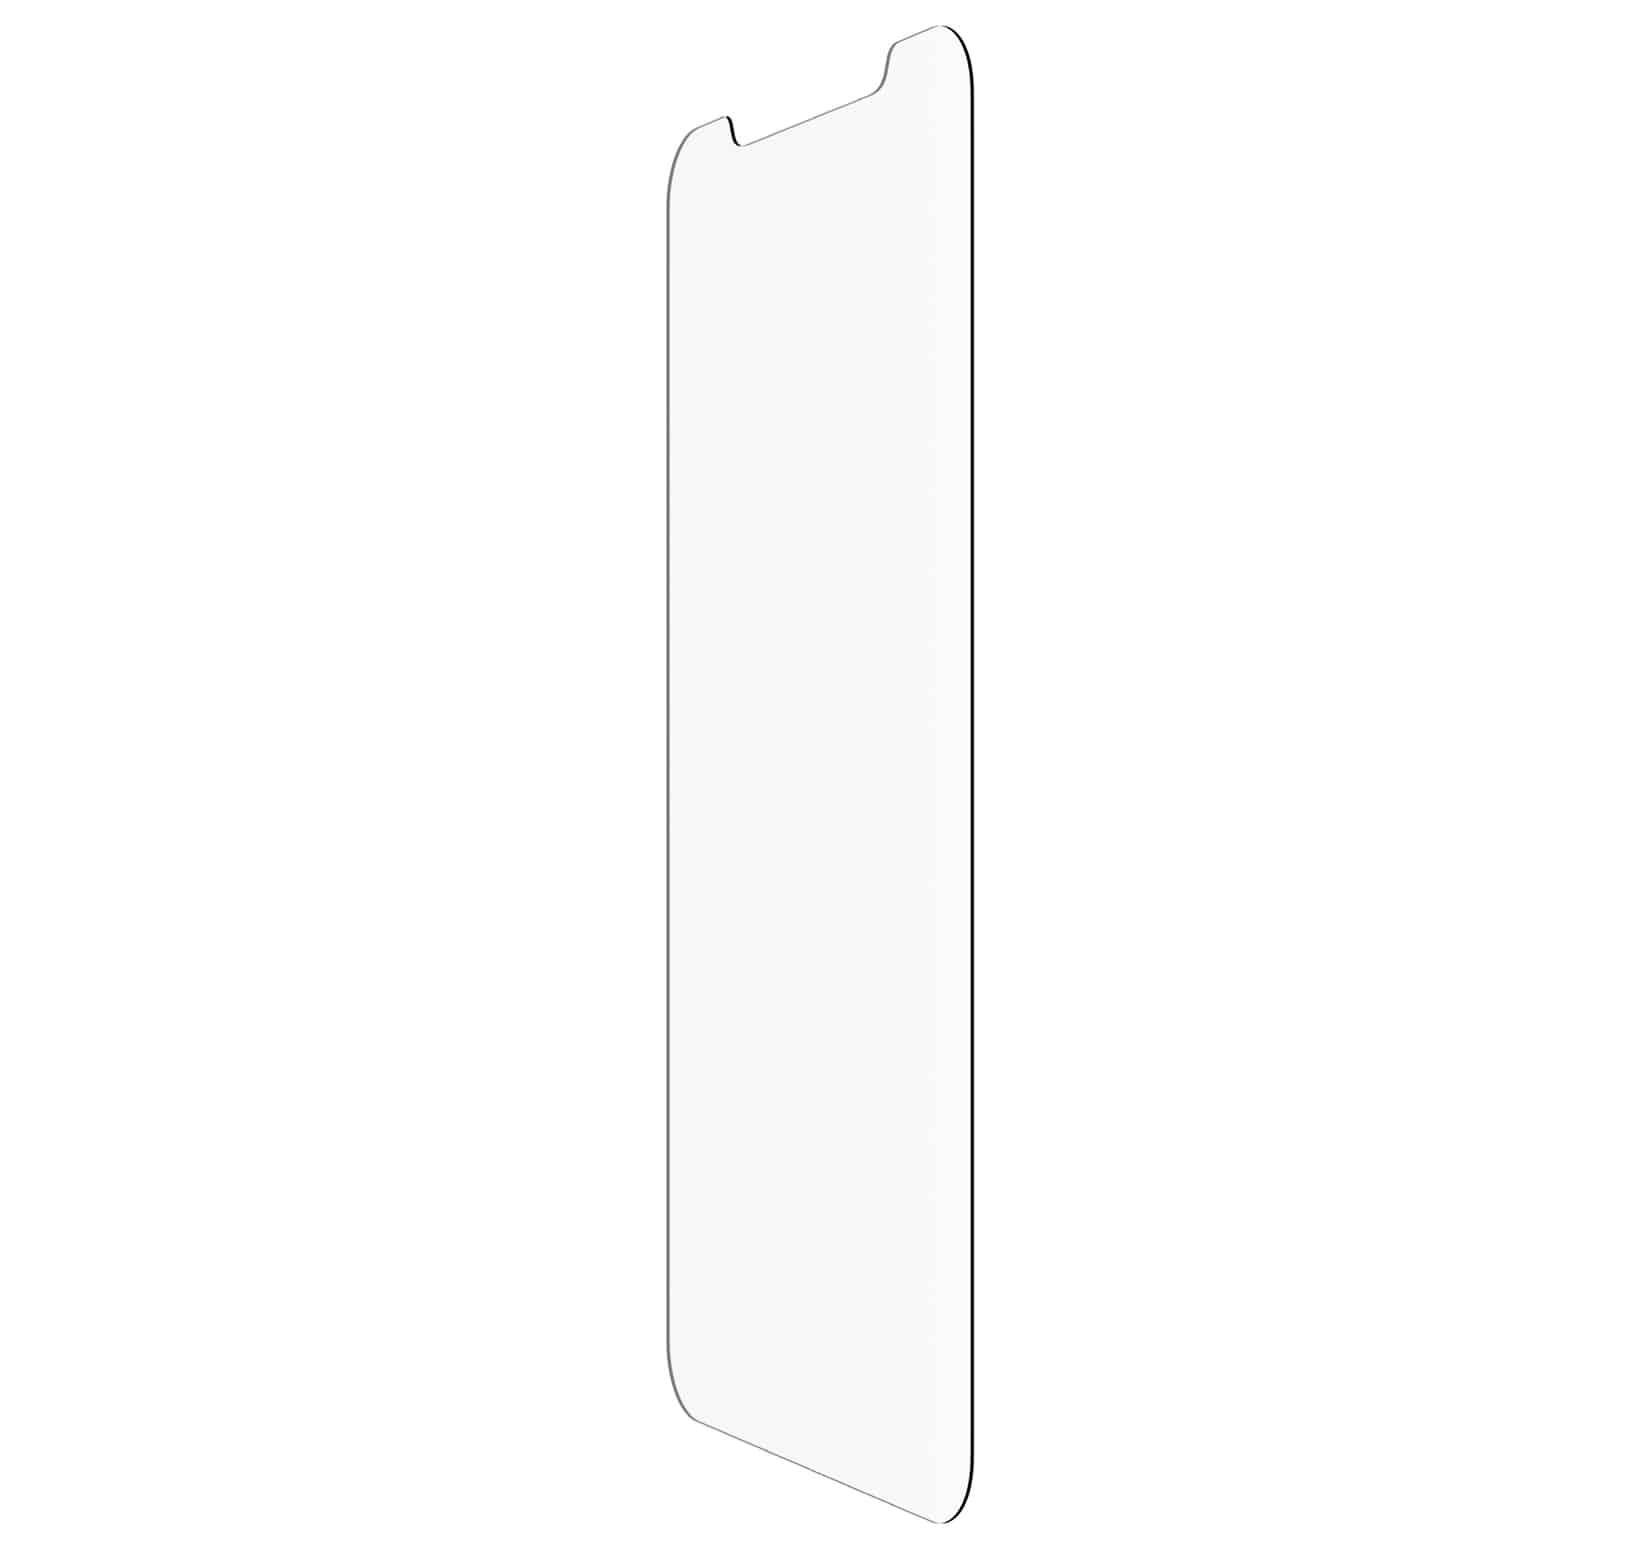 accesorios para el iPhone 12 de Belkin